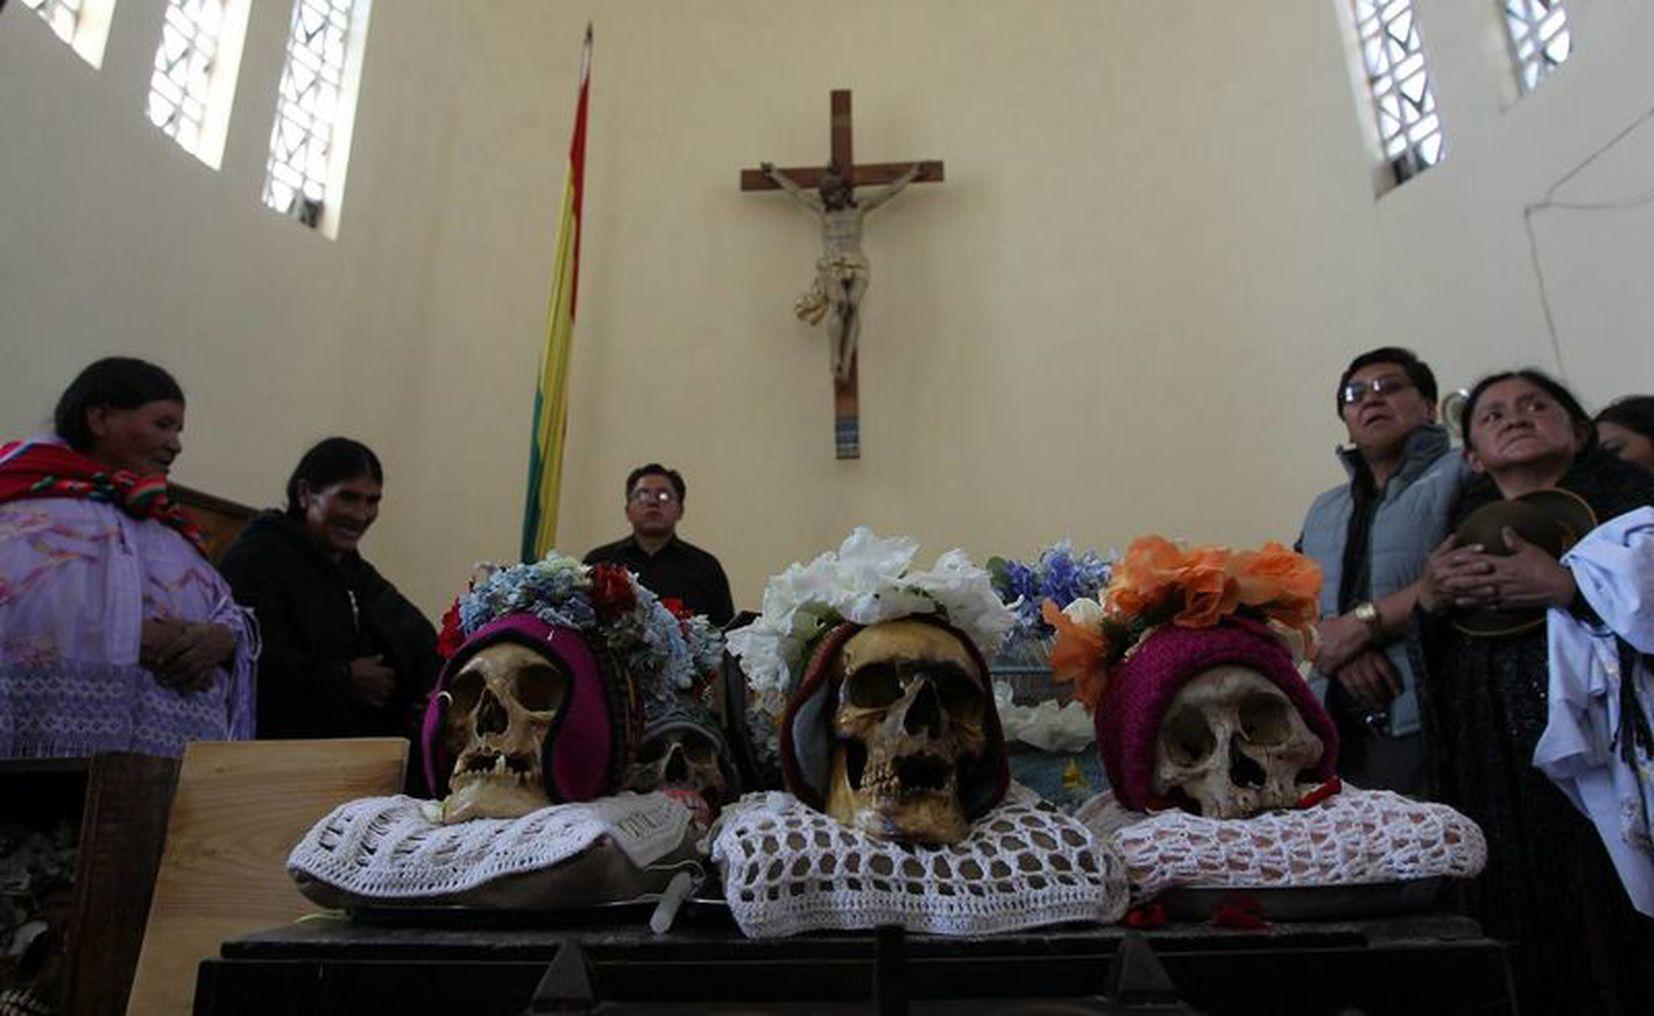 Mundo | Calaveras y fe cristiana se mezclan en festividad de las Ñatitas en  Bolivia